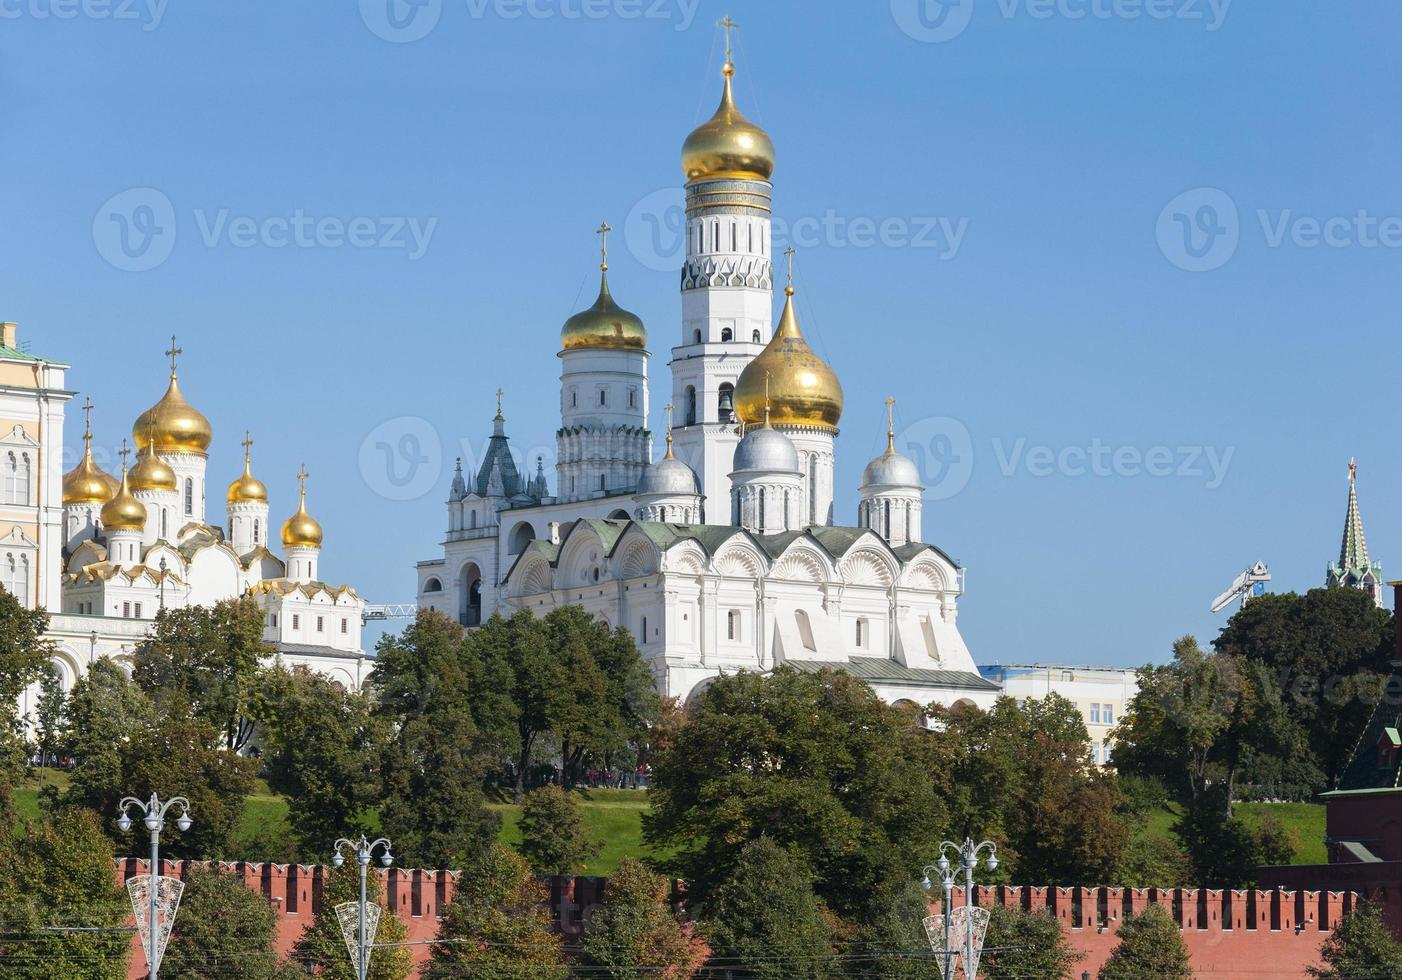 ivan de grote bel in kremlin van moskou, rusland, 1505 jaar foto